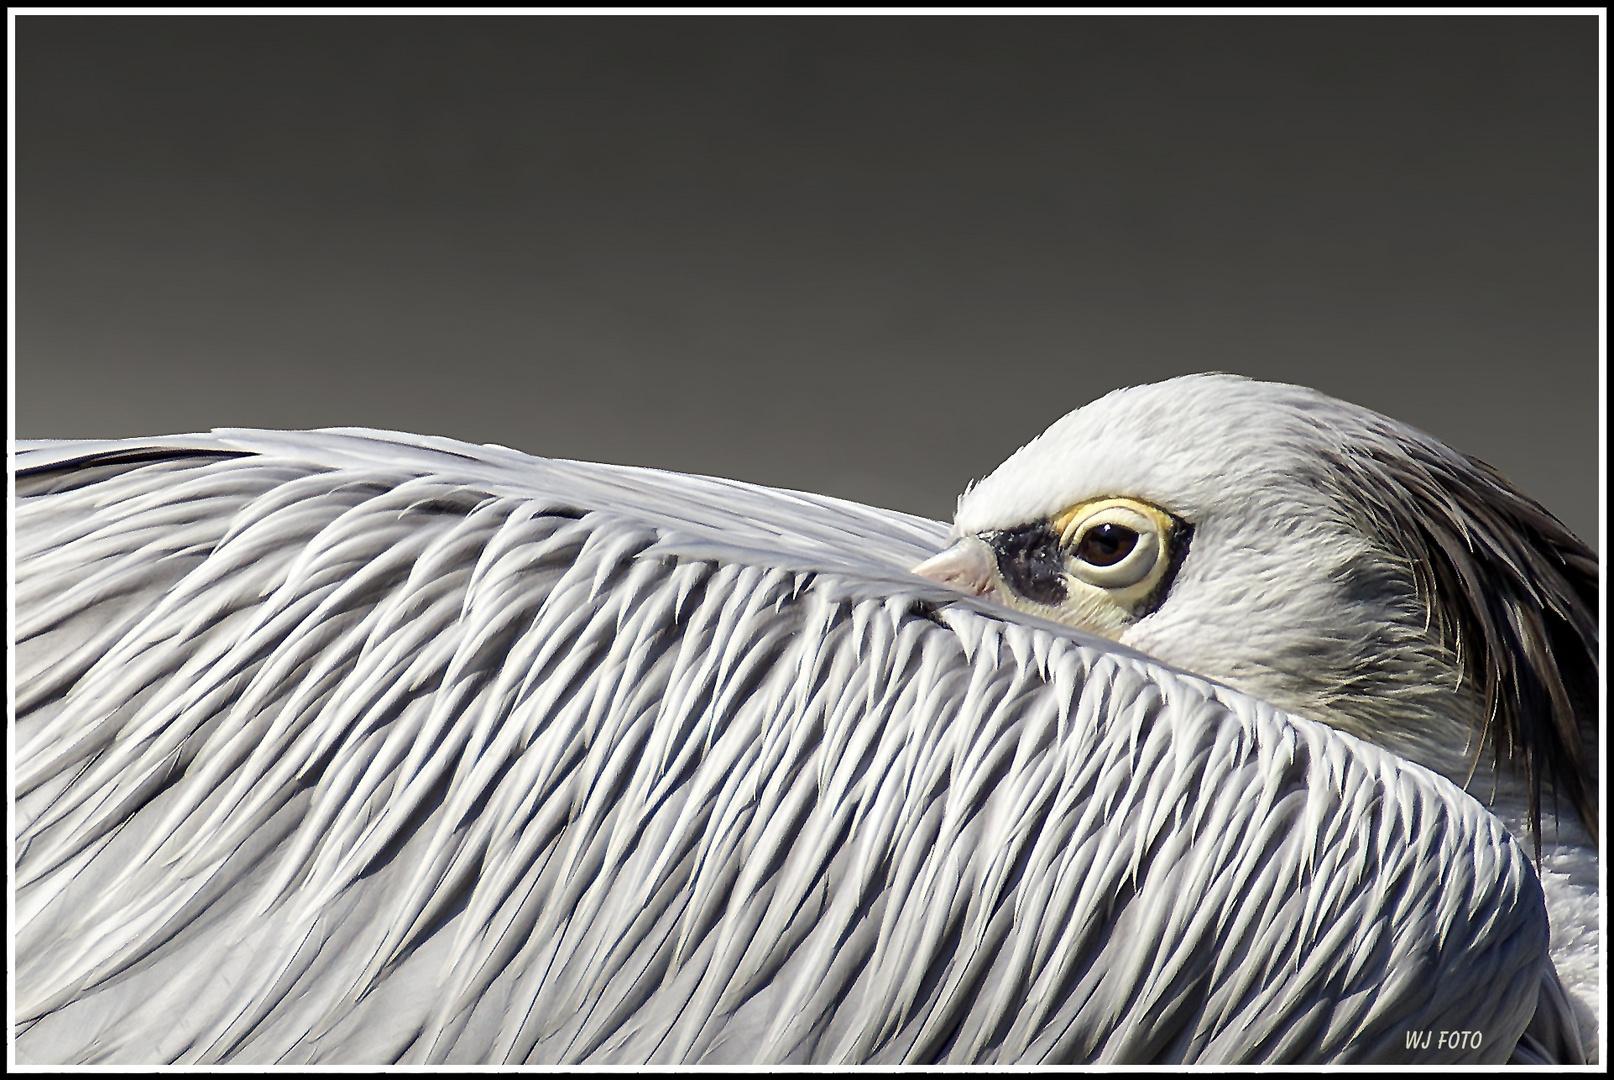 Pelikan in Ruhestellung